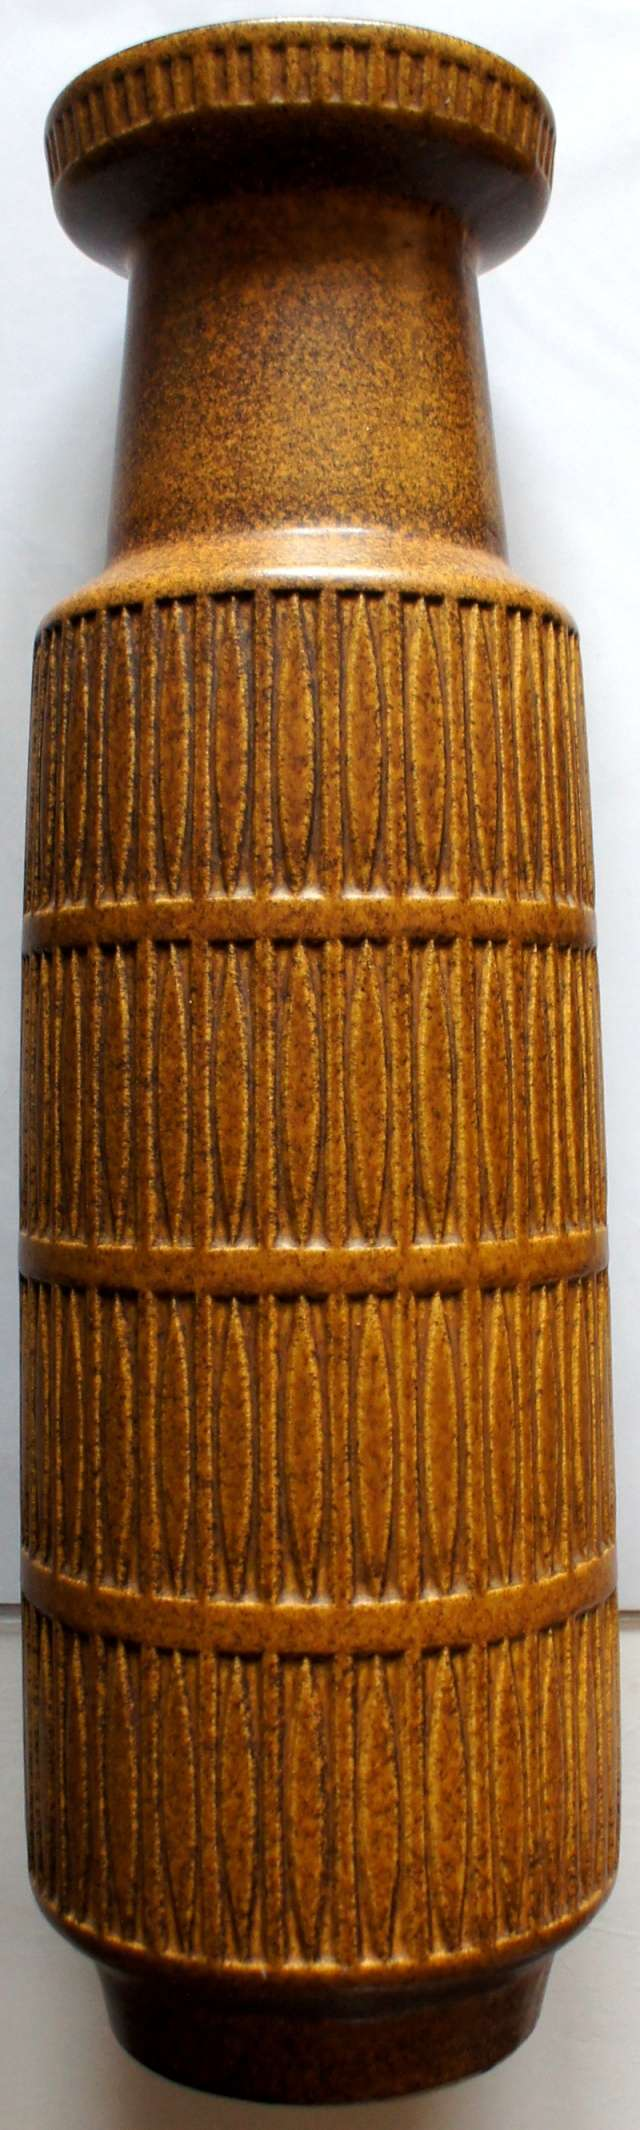 Scheurich Keramik - Page 12 Dsc03614